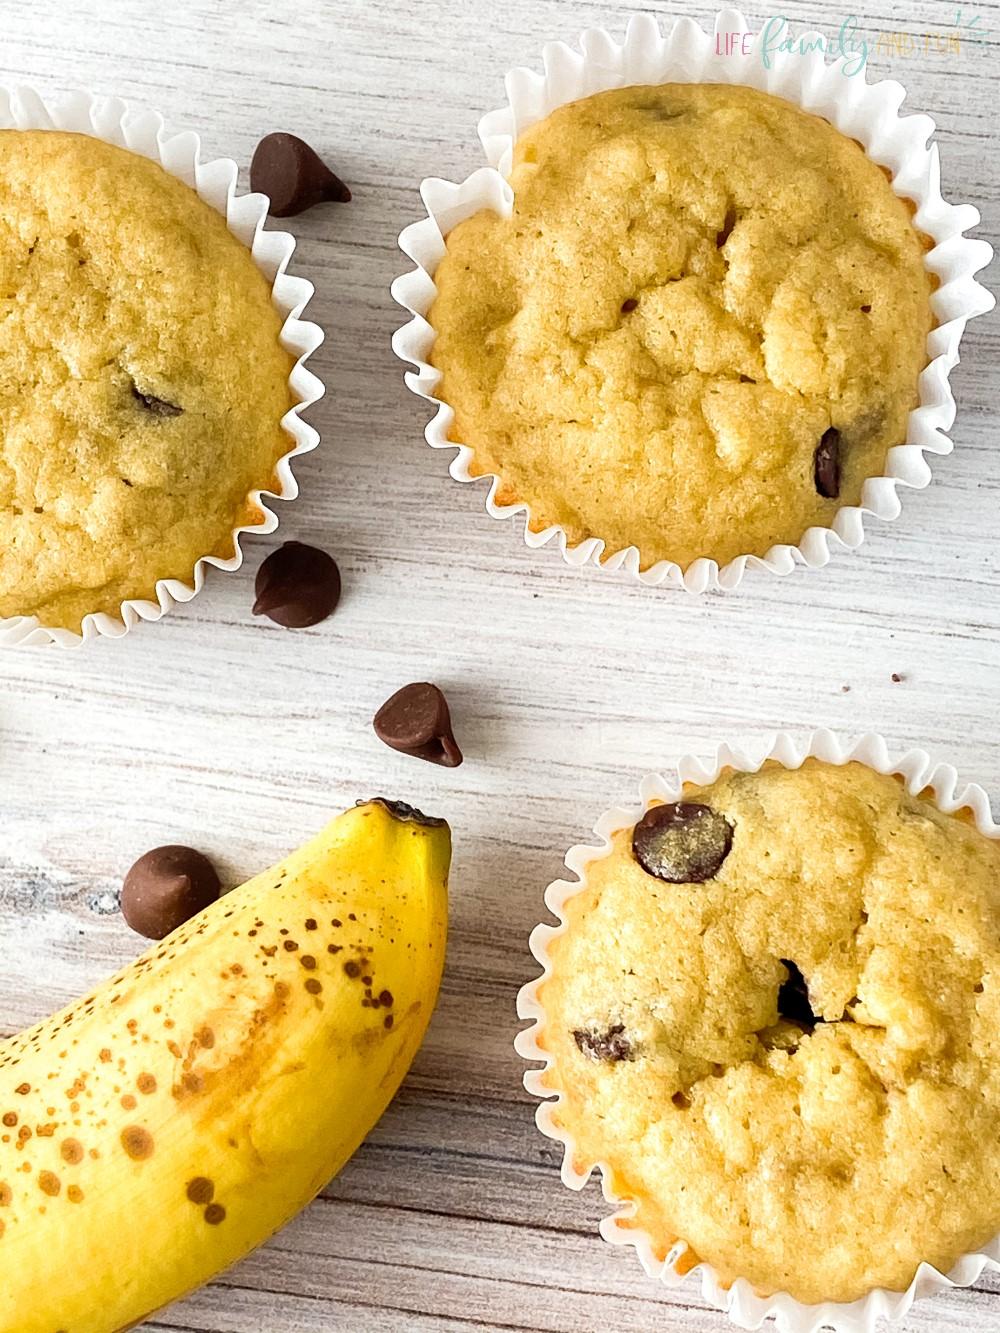 Gluten-Free Chocolate Chip Banana Muffins